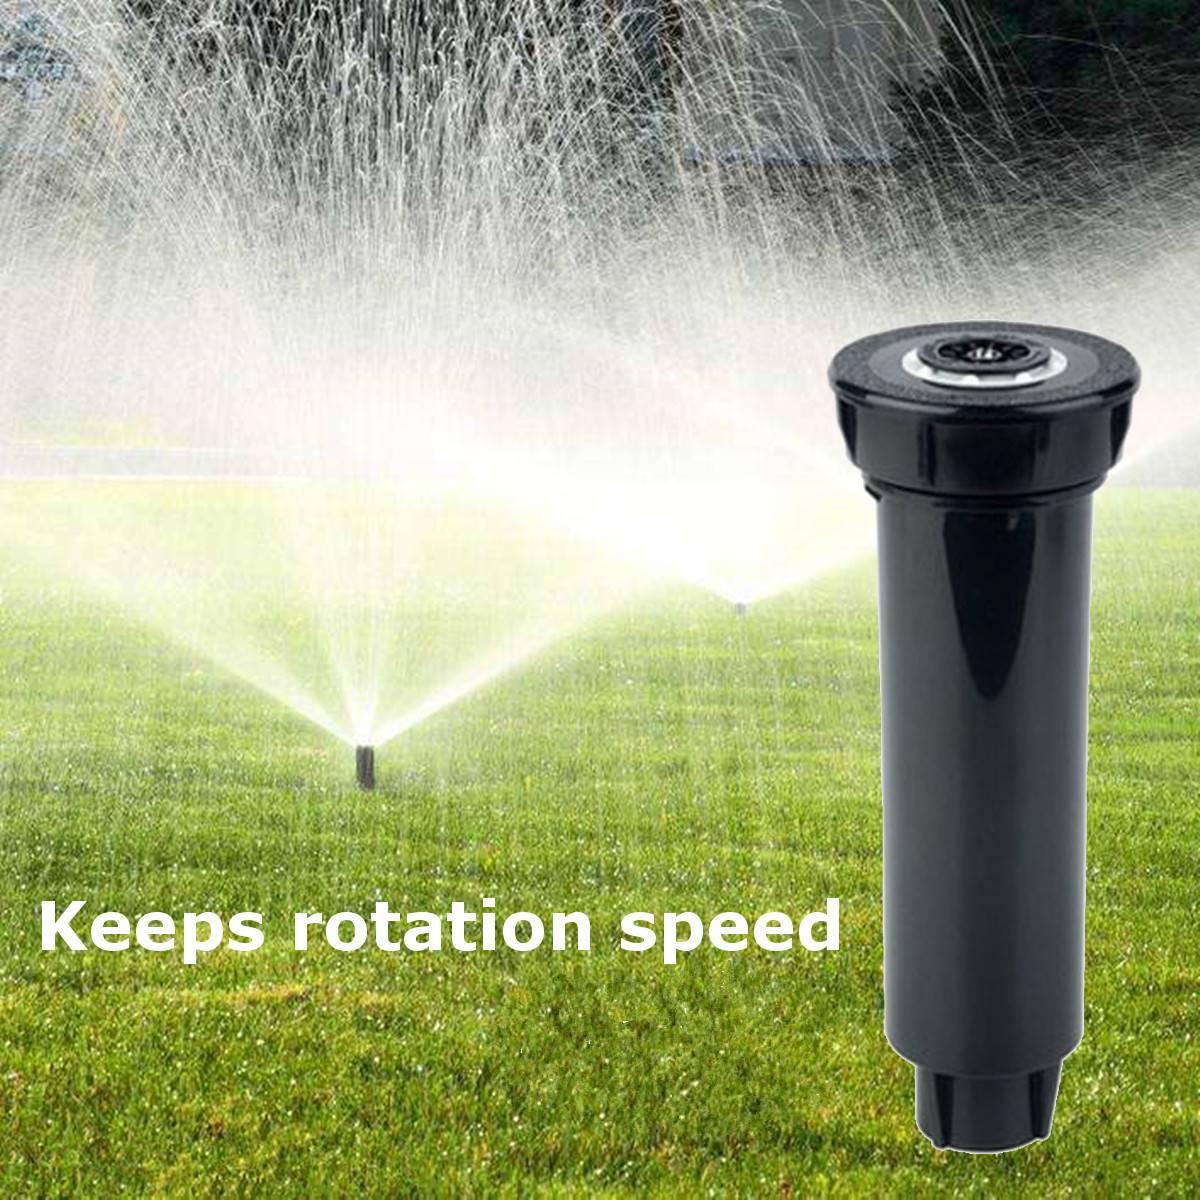 Equipo de irrigación de 360 grados, rociador con cabezal de rociado, boquilla de elevación, herramienta de riego Pop-up para suministros de jardín